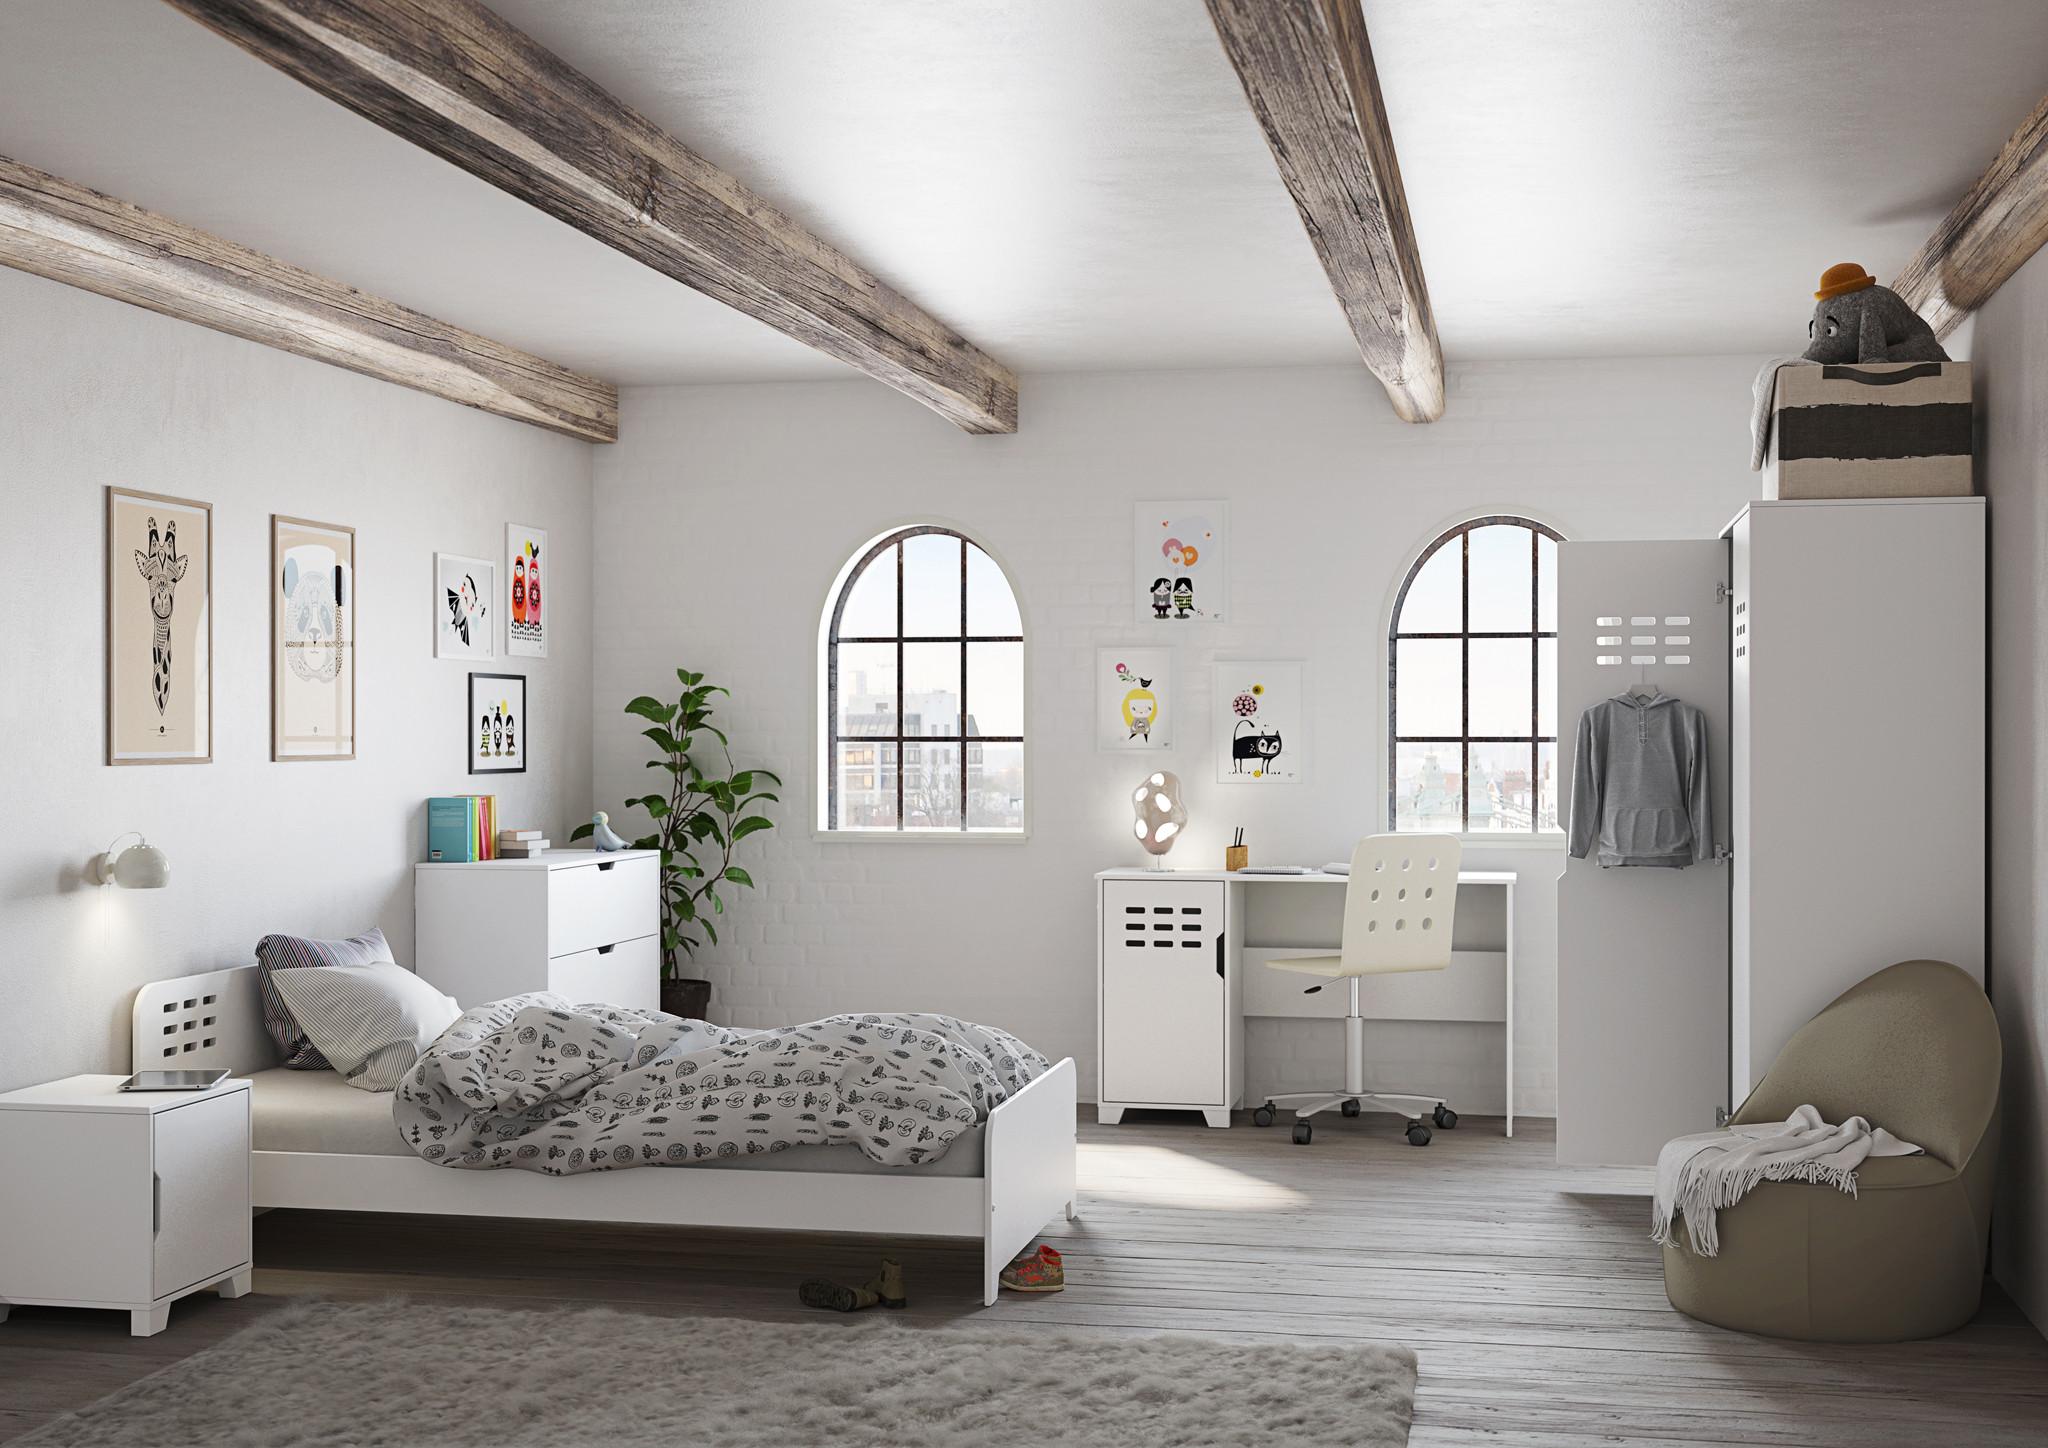 Chambre enfant style industriel Koaline